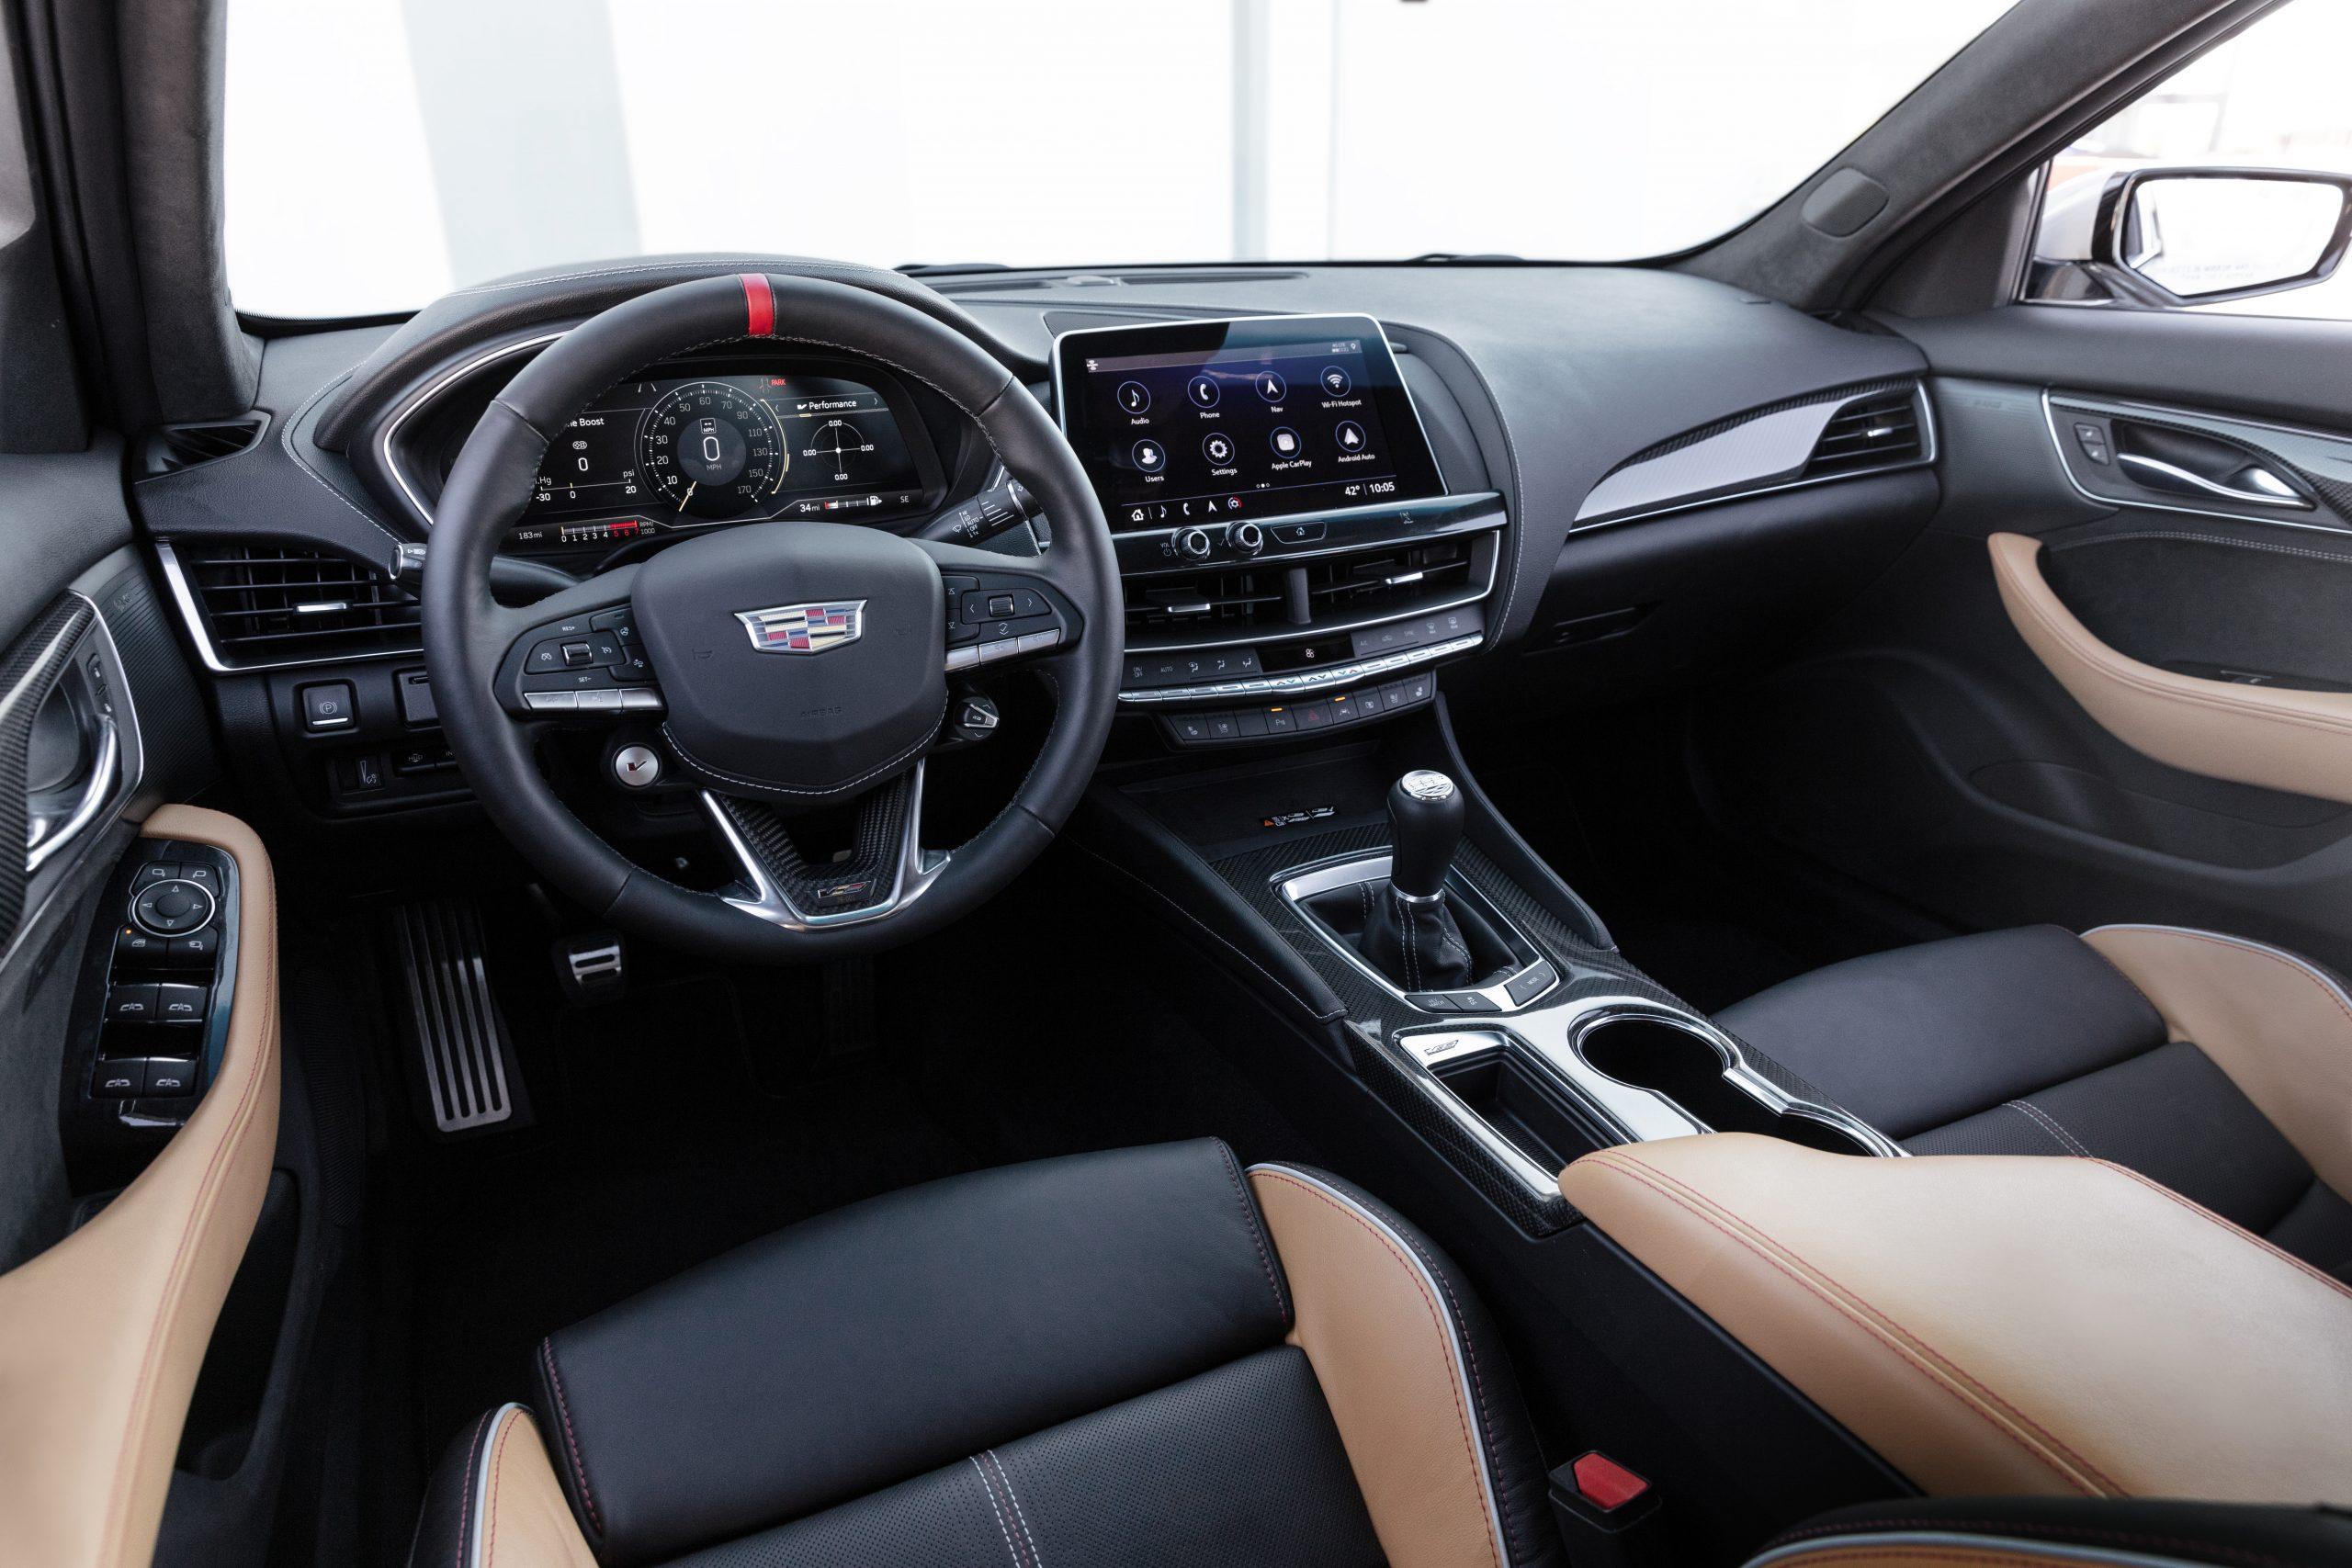 2022 Cadillac CT5-V Blackwing interior with manual